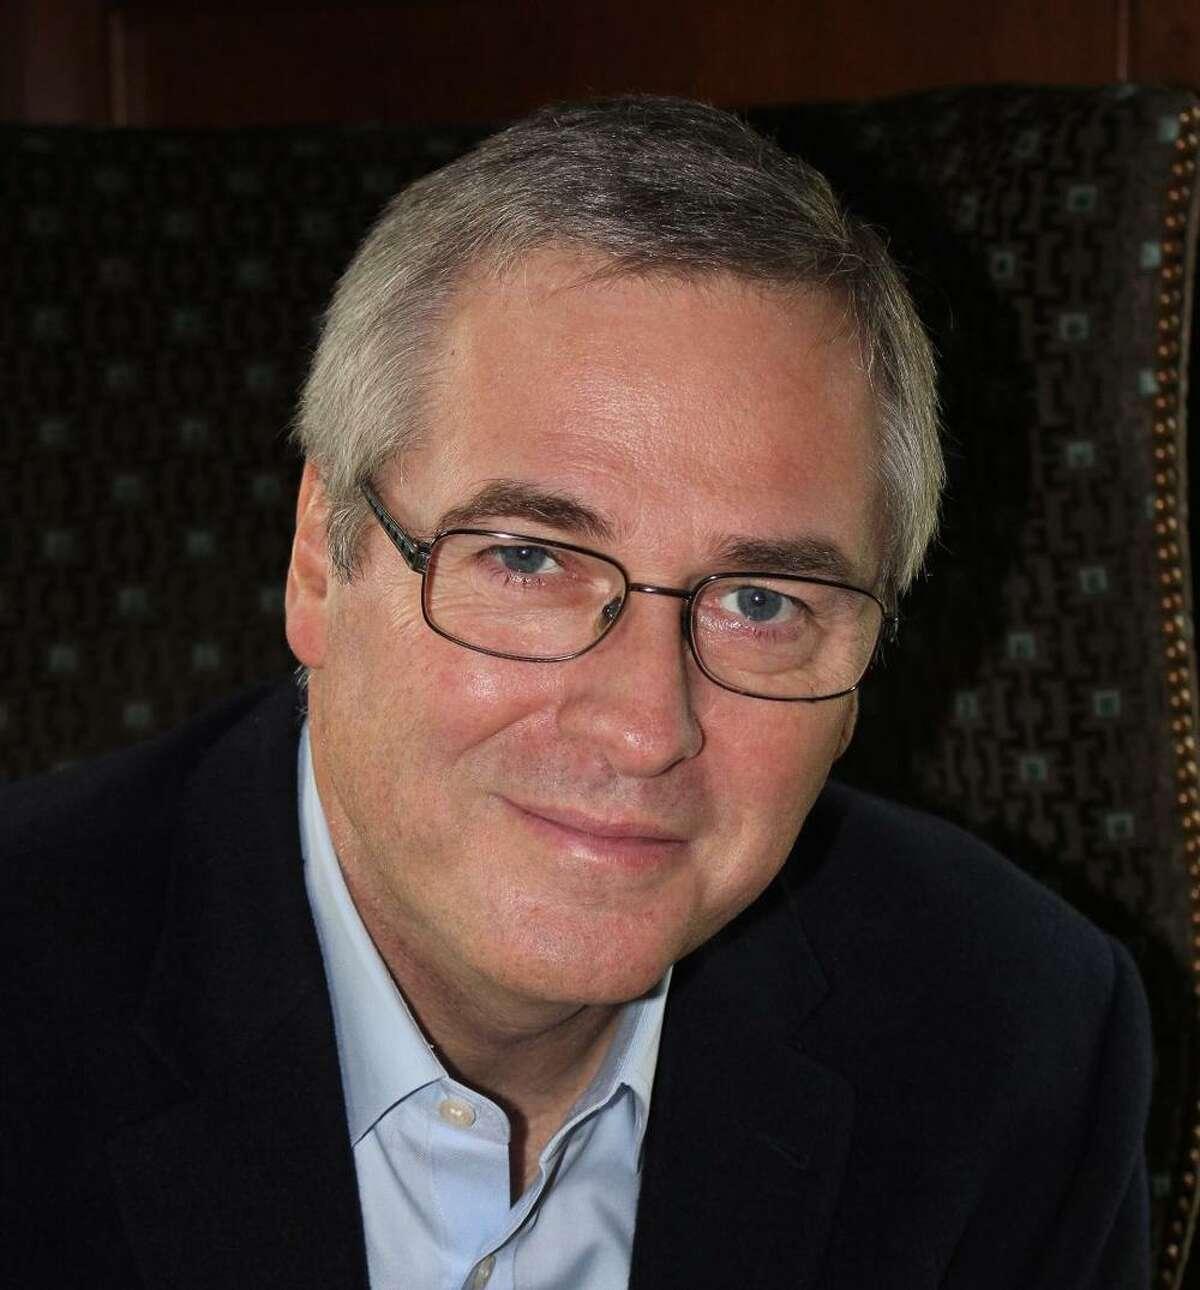 Paul J. Collins